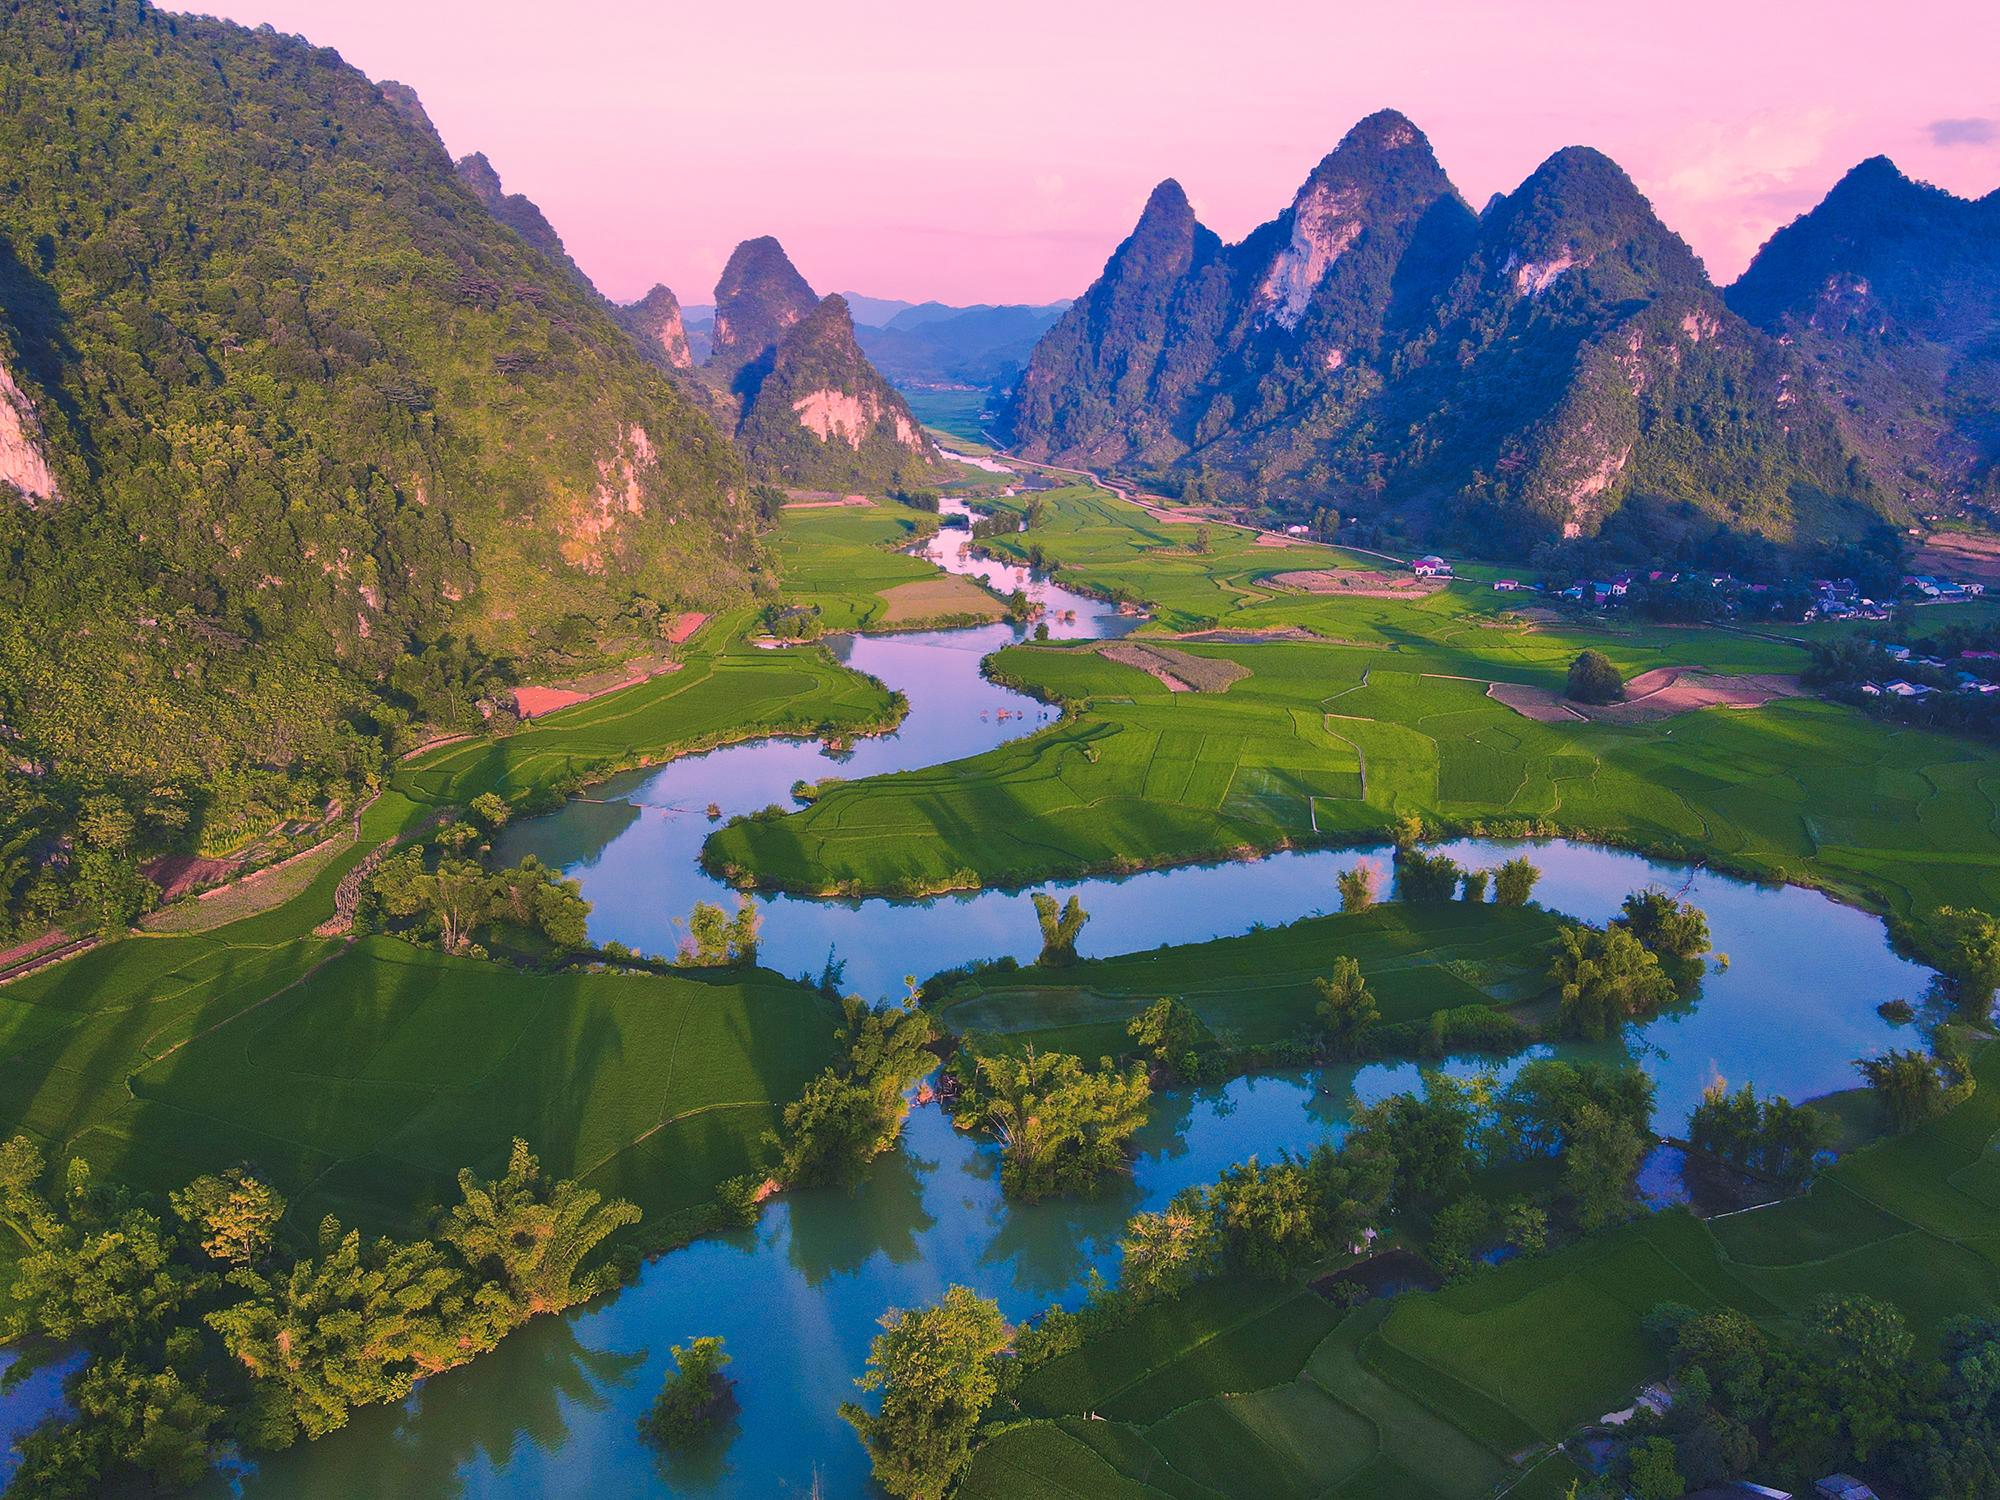 Chàng trai Việt tiết lộ cách tiết kiệm để chu du 30 quốc gia, 150 thành phố